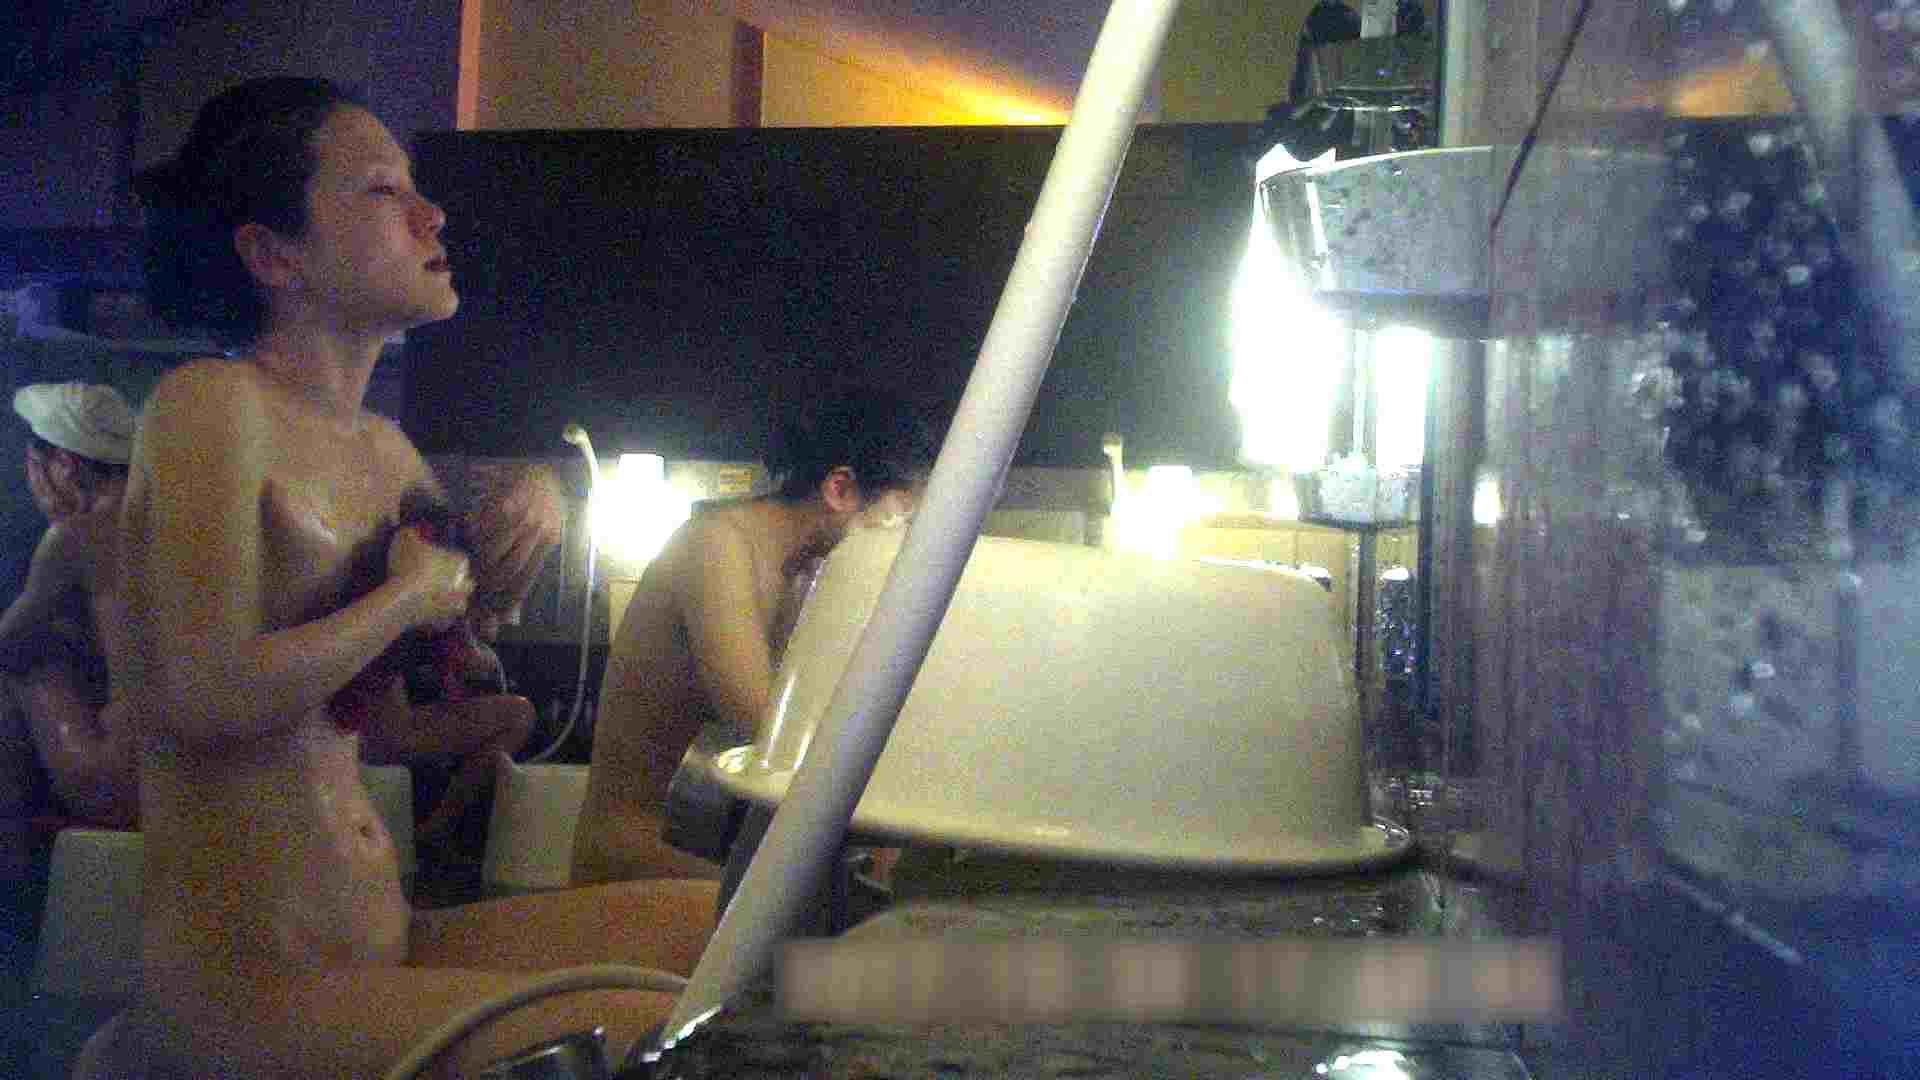 TG.06 【二等兵】スレンダー奥様の可愛い微乳 女風呂ハメ撮り | 潜入エロ調査  75連発 28